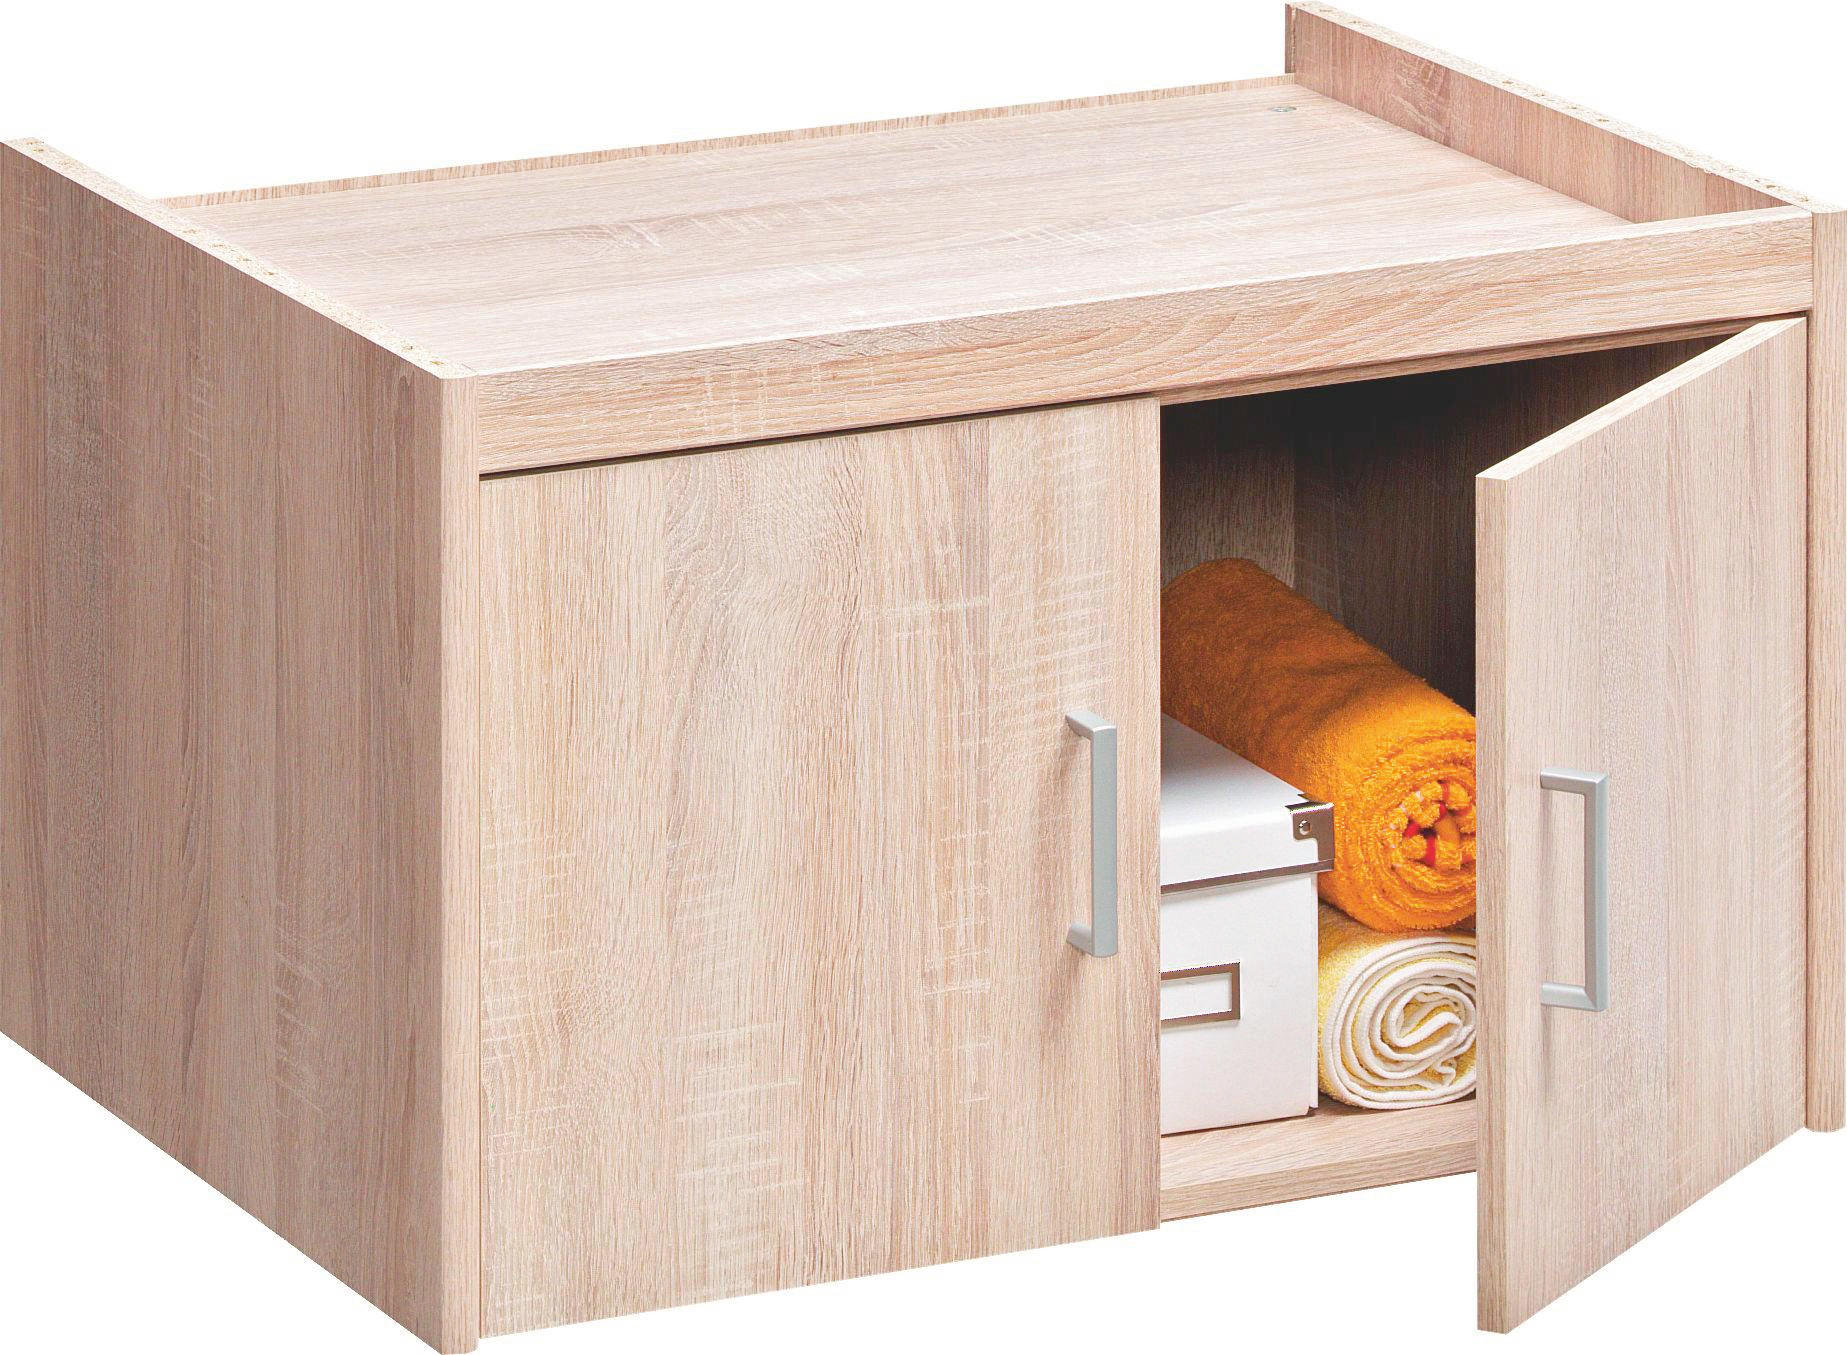 AUFSATZSCHRANK - Eichefarben/Silberfarben, KONVENTIONELL, Holzwerkstoff/Kunststoff (72/43/54cm) - CS SCHMAL